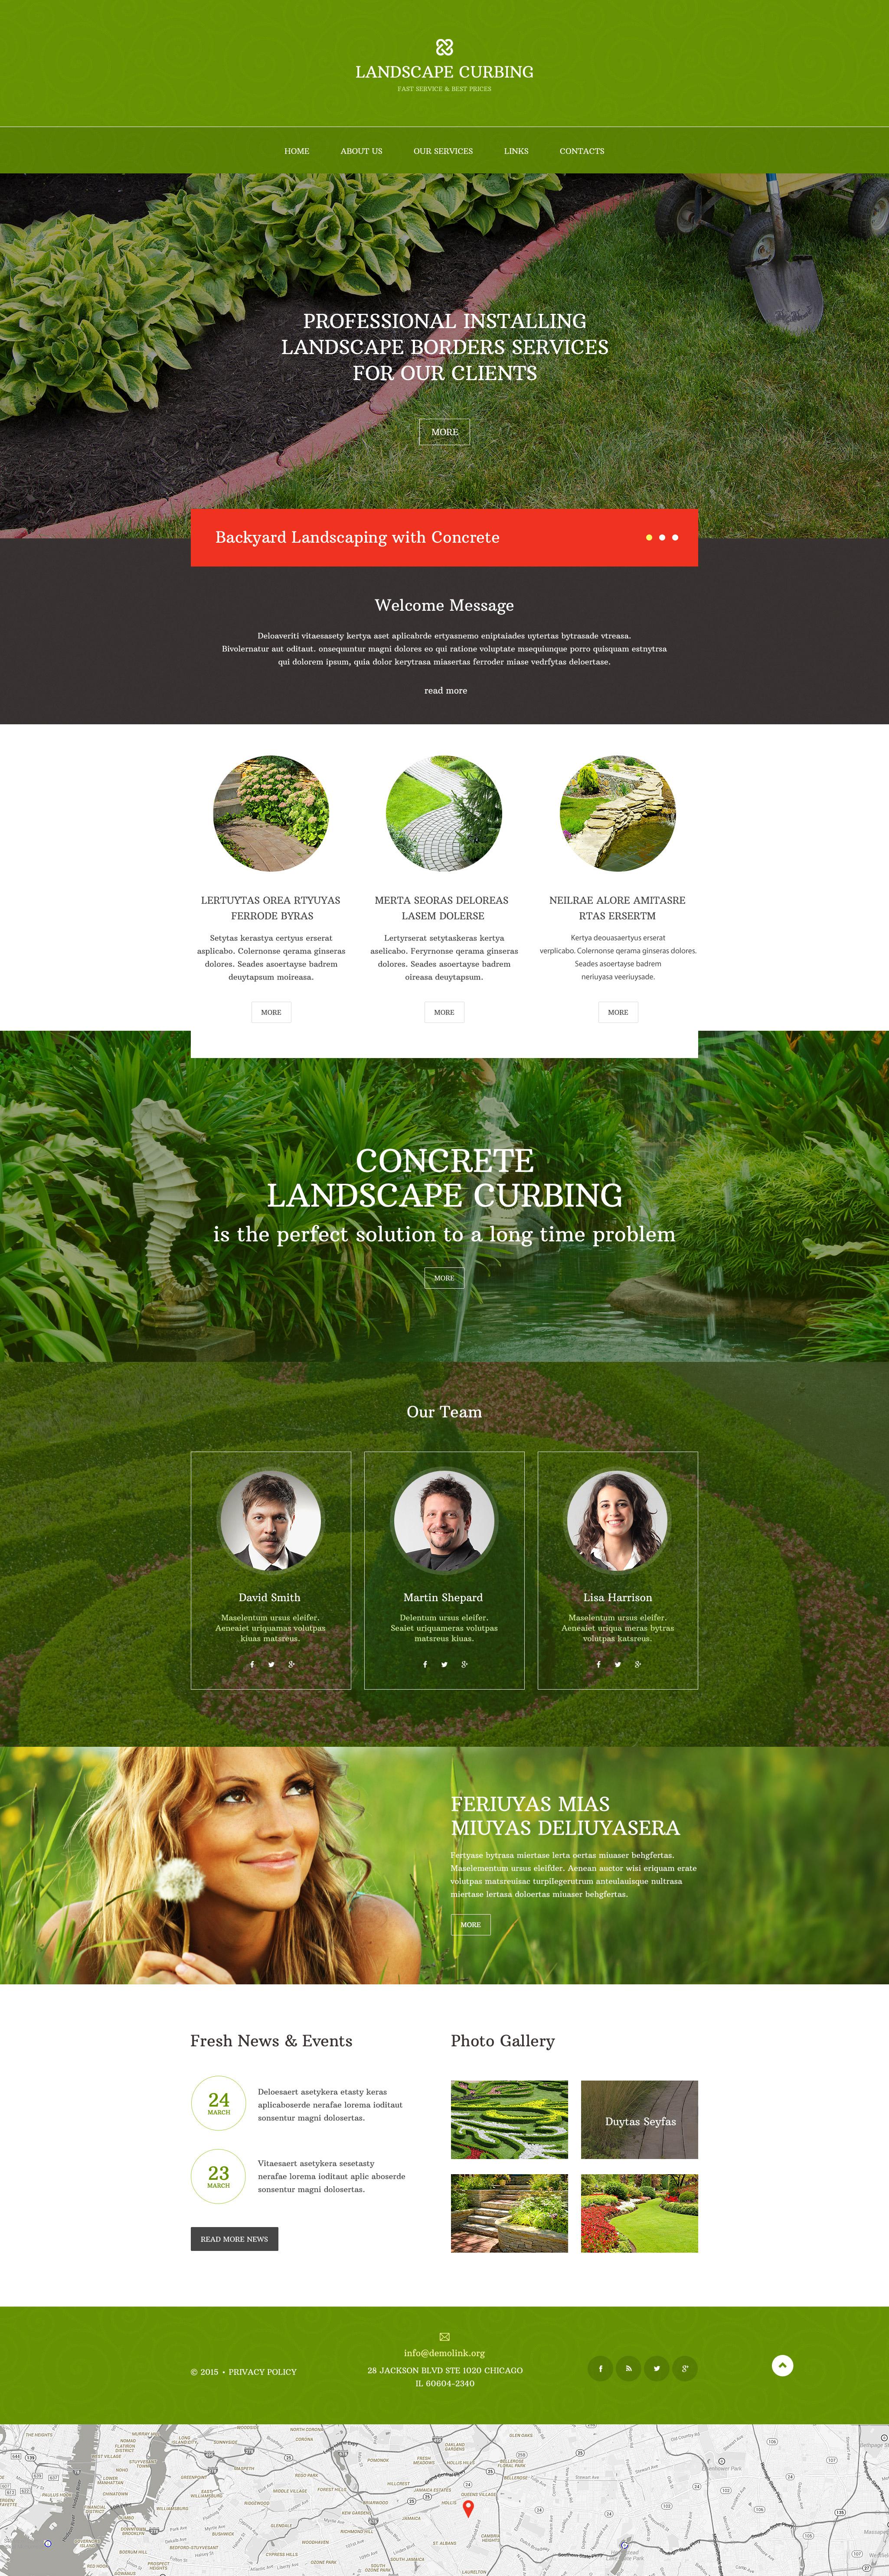 Modèle Web adaptatif pour site de design paysager #57859 - screenshot